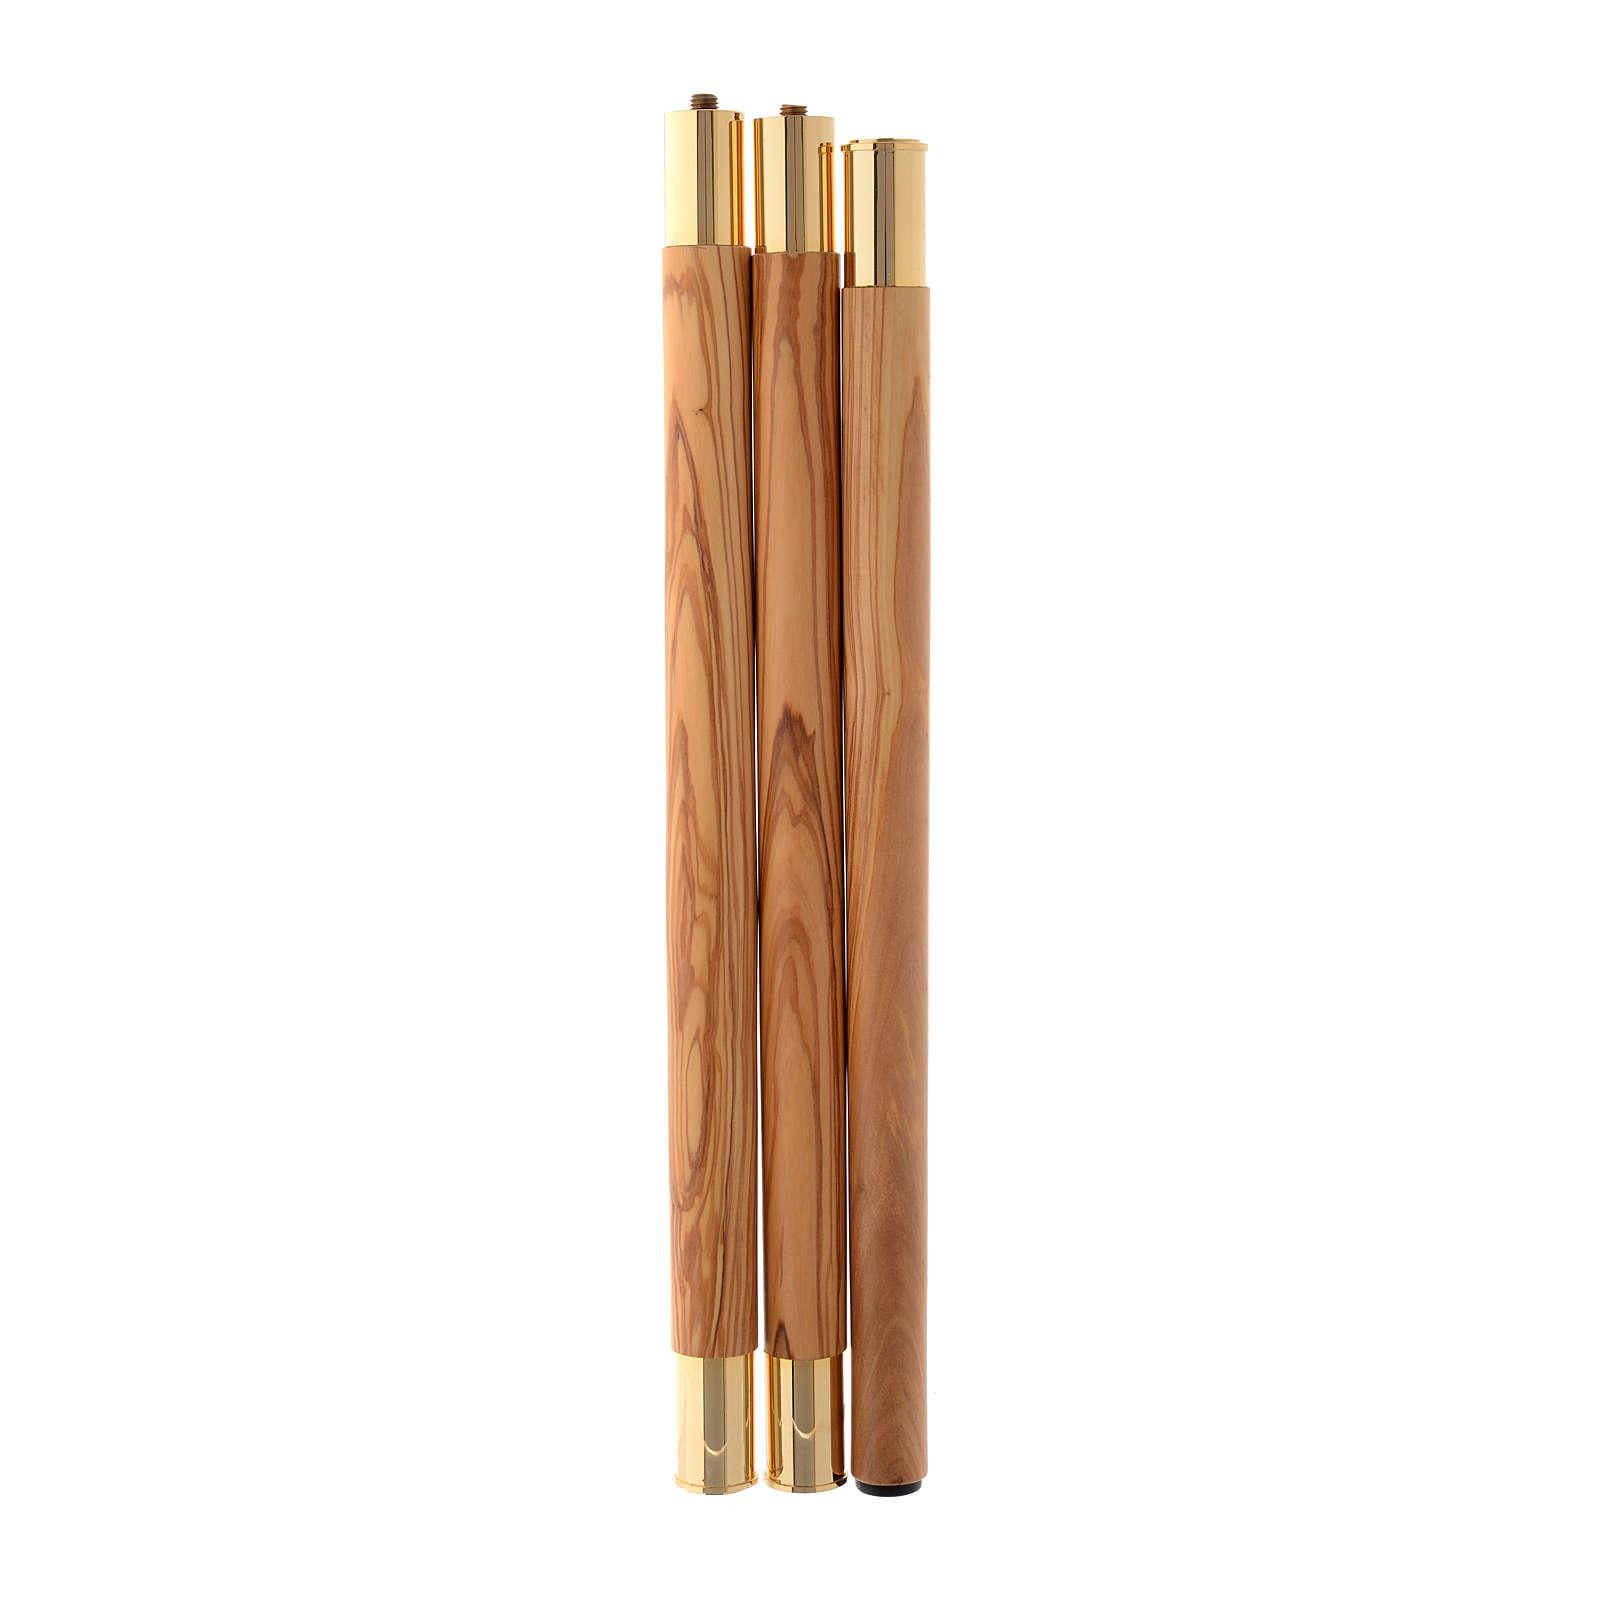 Bastone pastorale legno ulivo stagionato Assisi agganci metallo 3